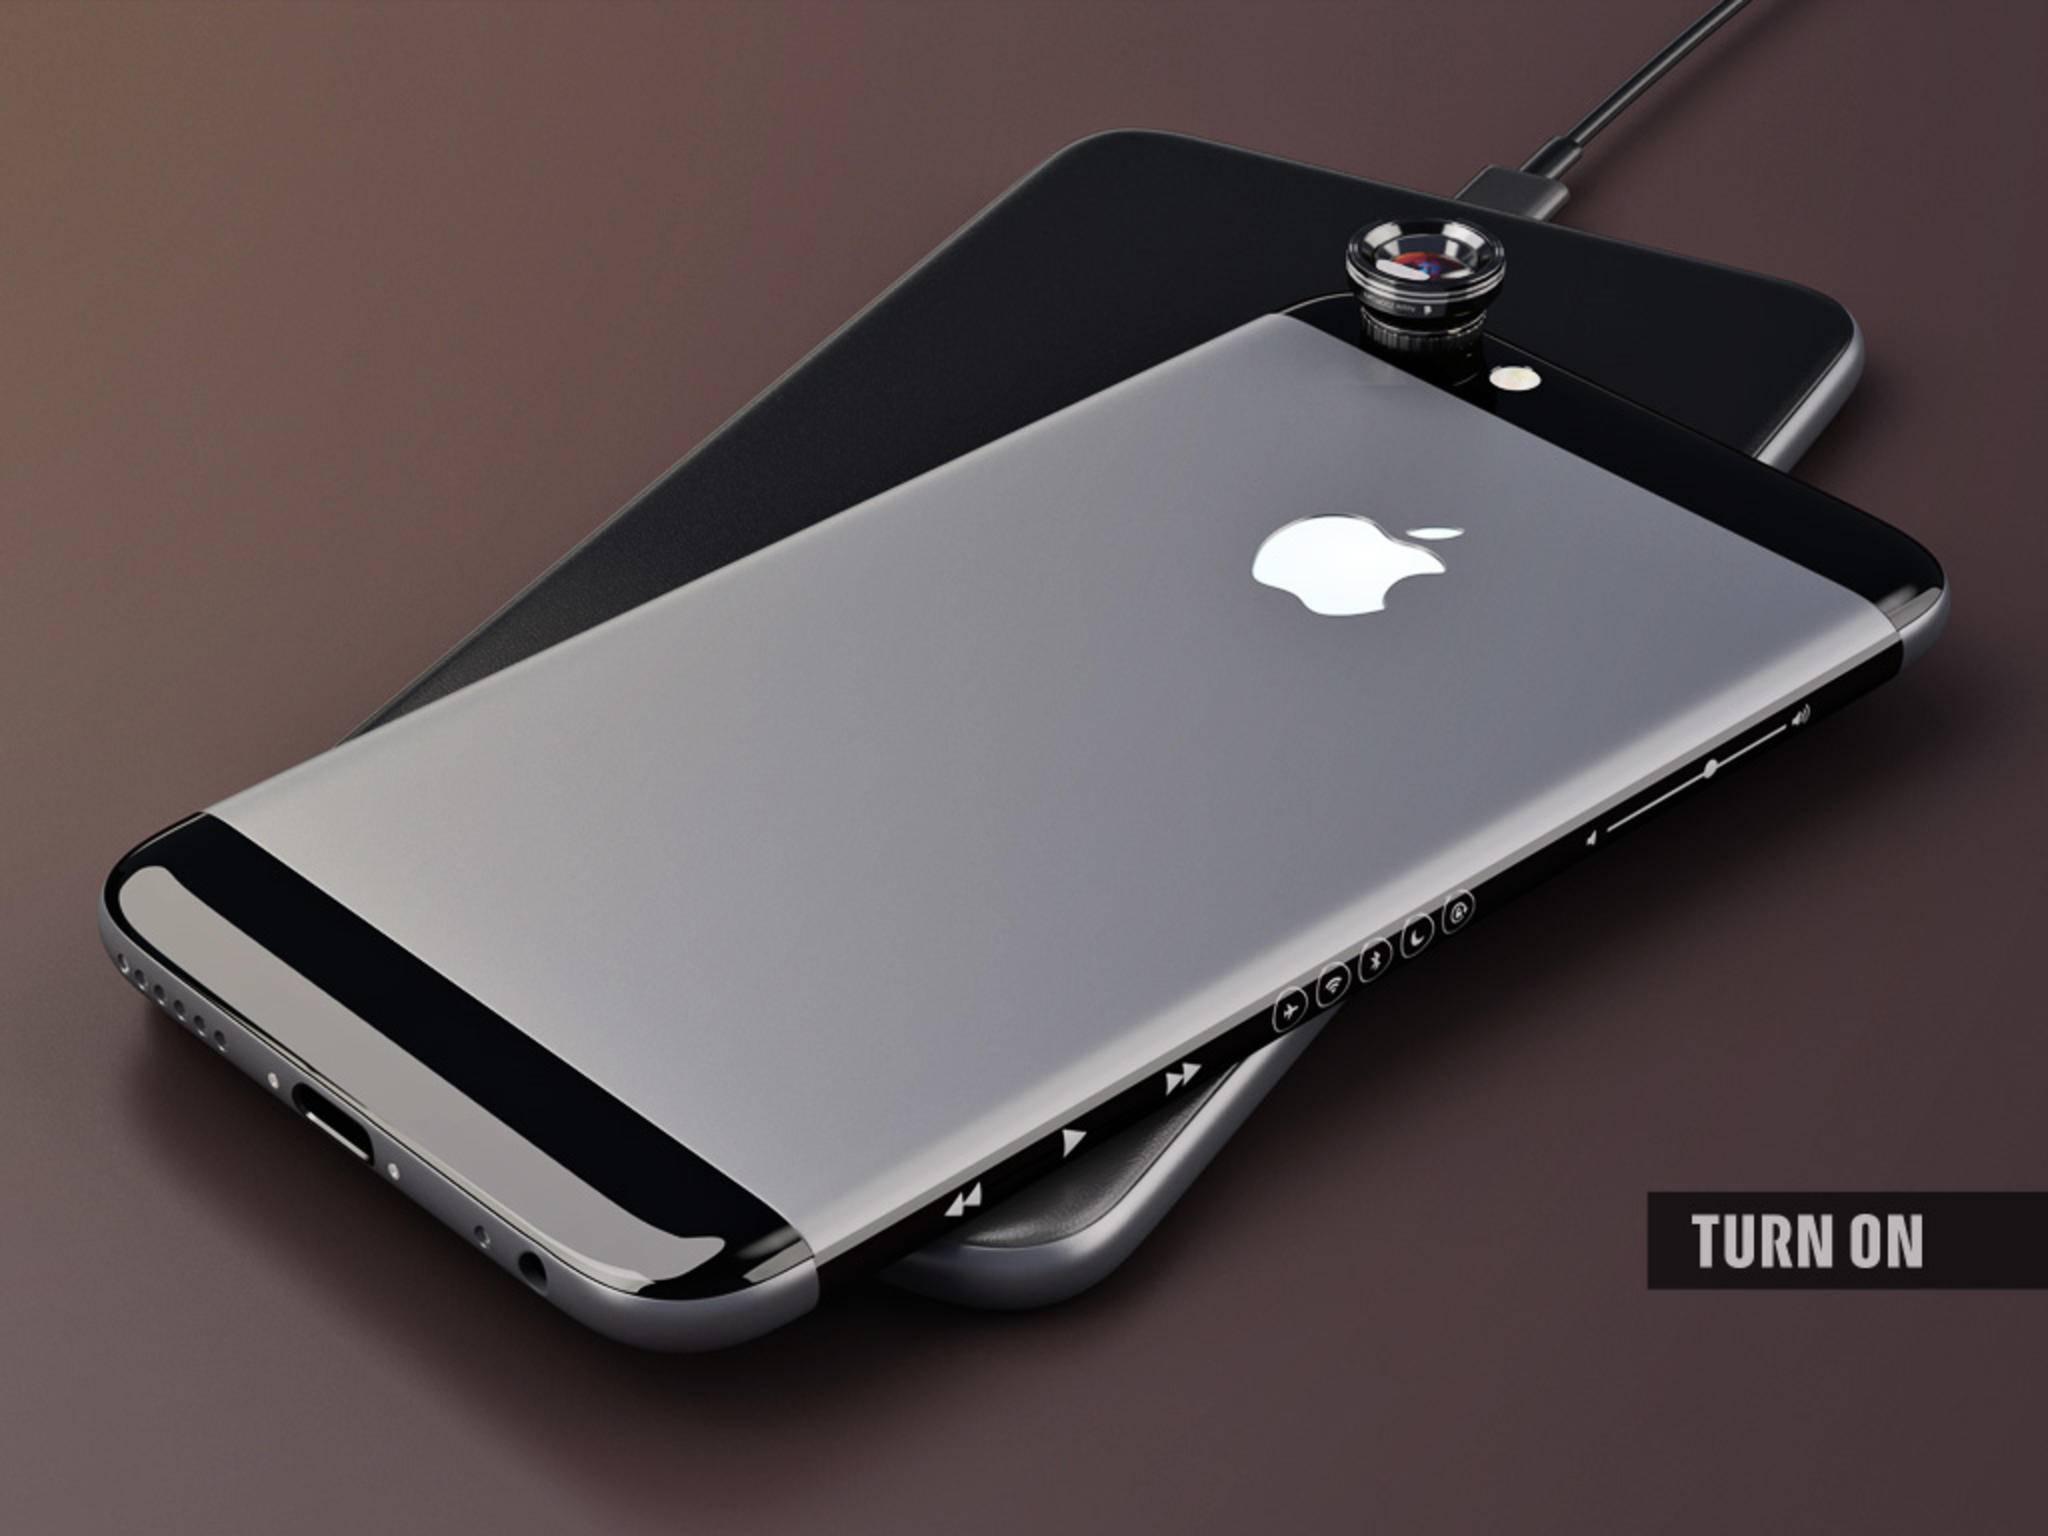 Die Rückseite unseres iPhone 7 besteht aus Glas und Metall. Die Auflagefläche der Ladestation ist mit Kunstleder bezogen.